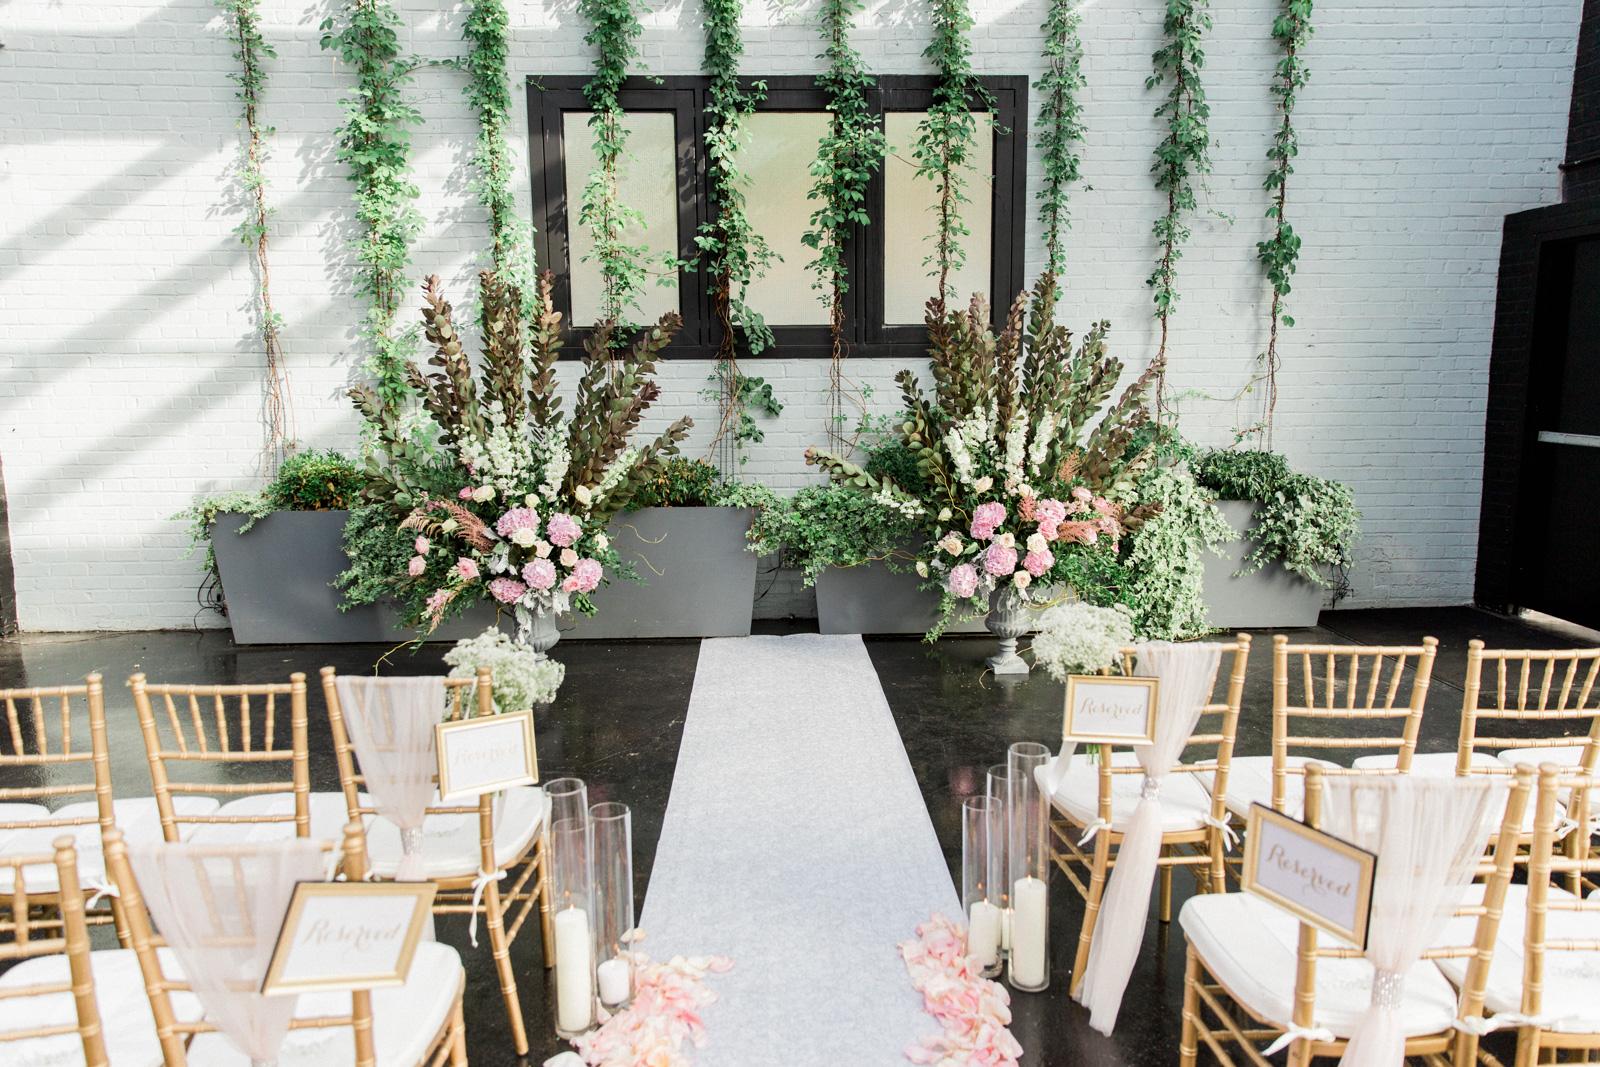 501union-wedding-brooklyn-NYC-0014.jpg